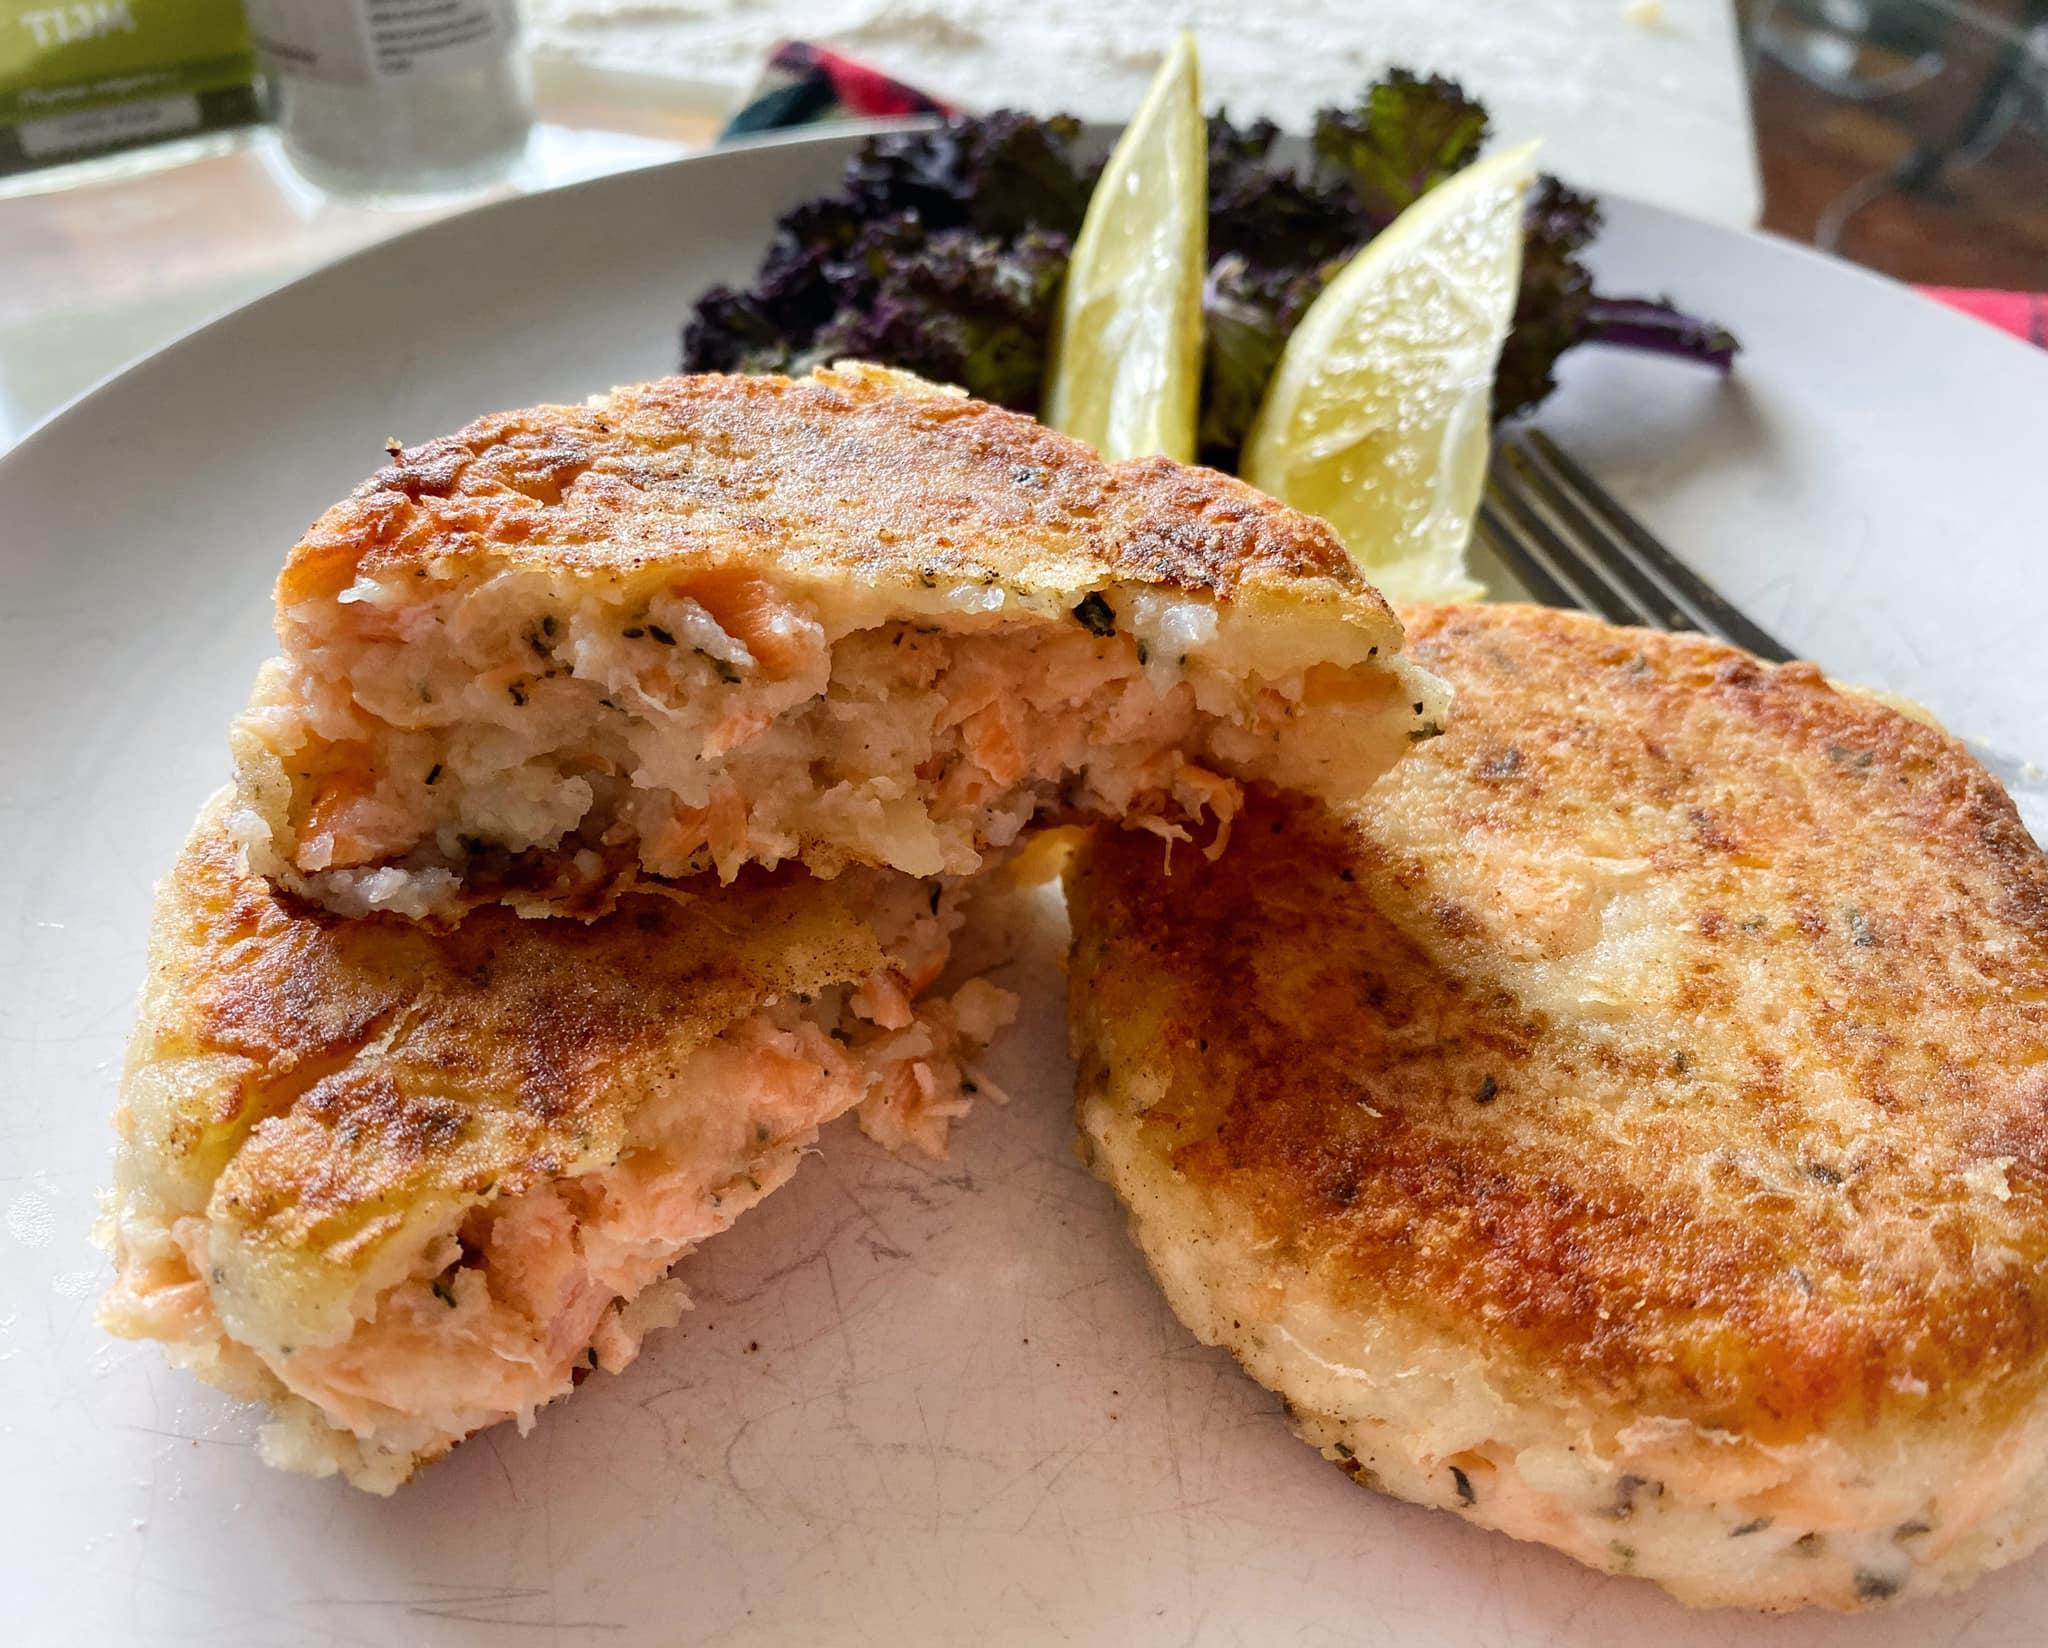 Potato and Salmon Cakes